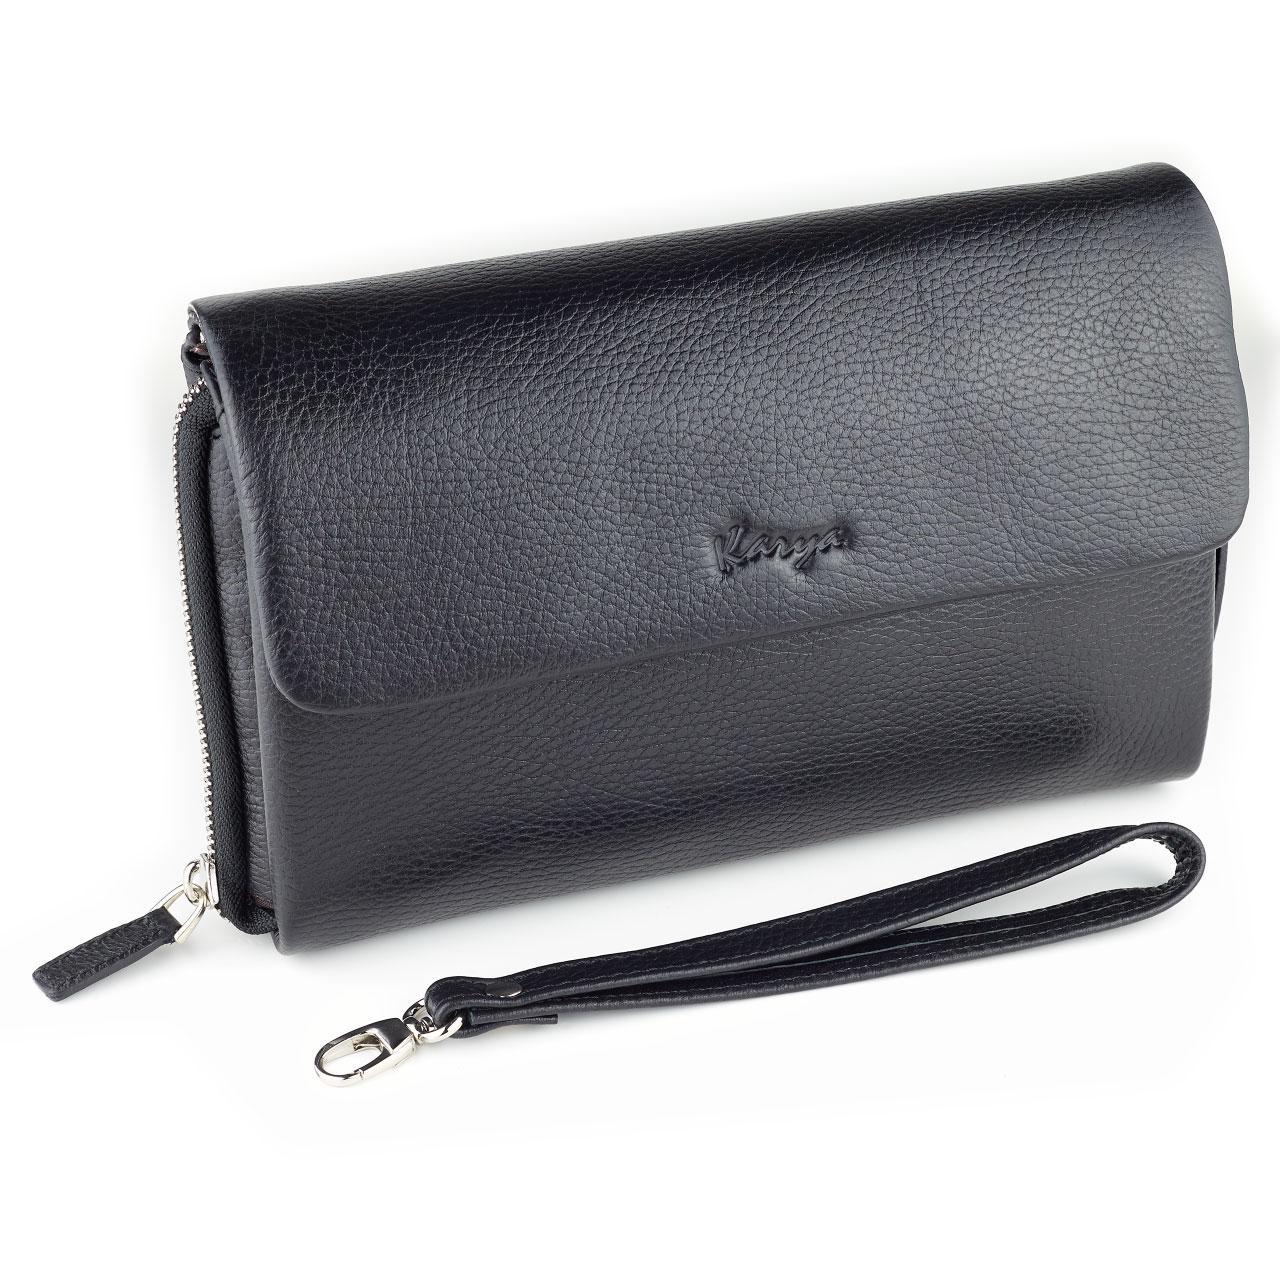 Мужская сумка барсетка Karya 0361-45 кожаная черная